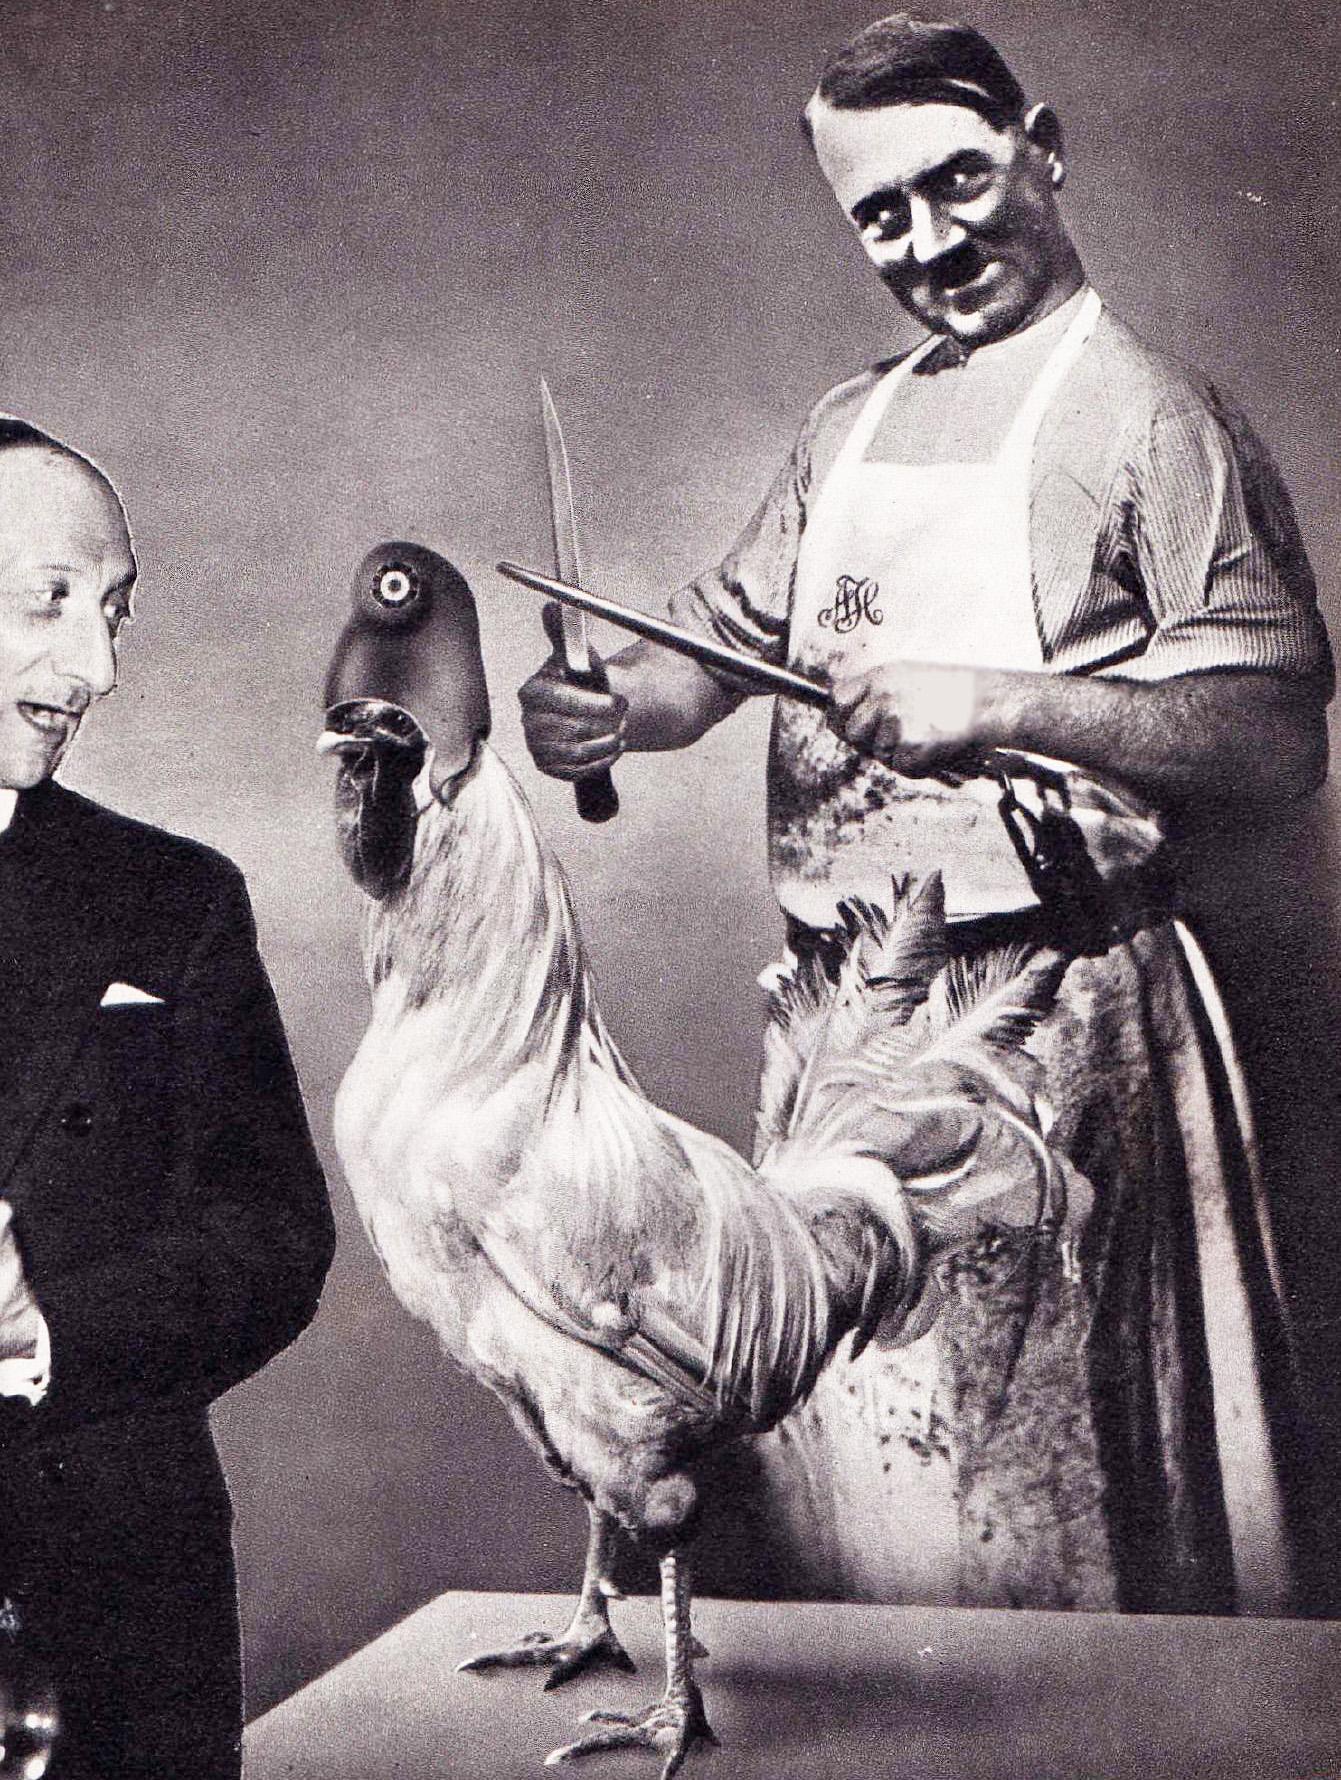 Шедевры политического арта. Джон Хартфилд. Фотомонтажный антифашистский плакат. Гитлер точит ножи, готовясь зарезать французского петуха. Глава МИД Франции Жорж Бонне: «Не бойтесь. Гитлер— вегетарианец». Май 1939 года